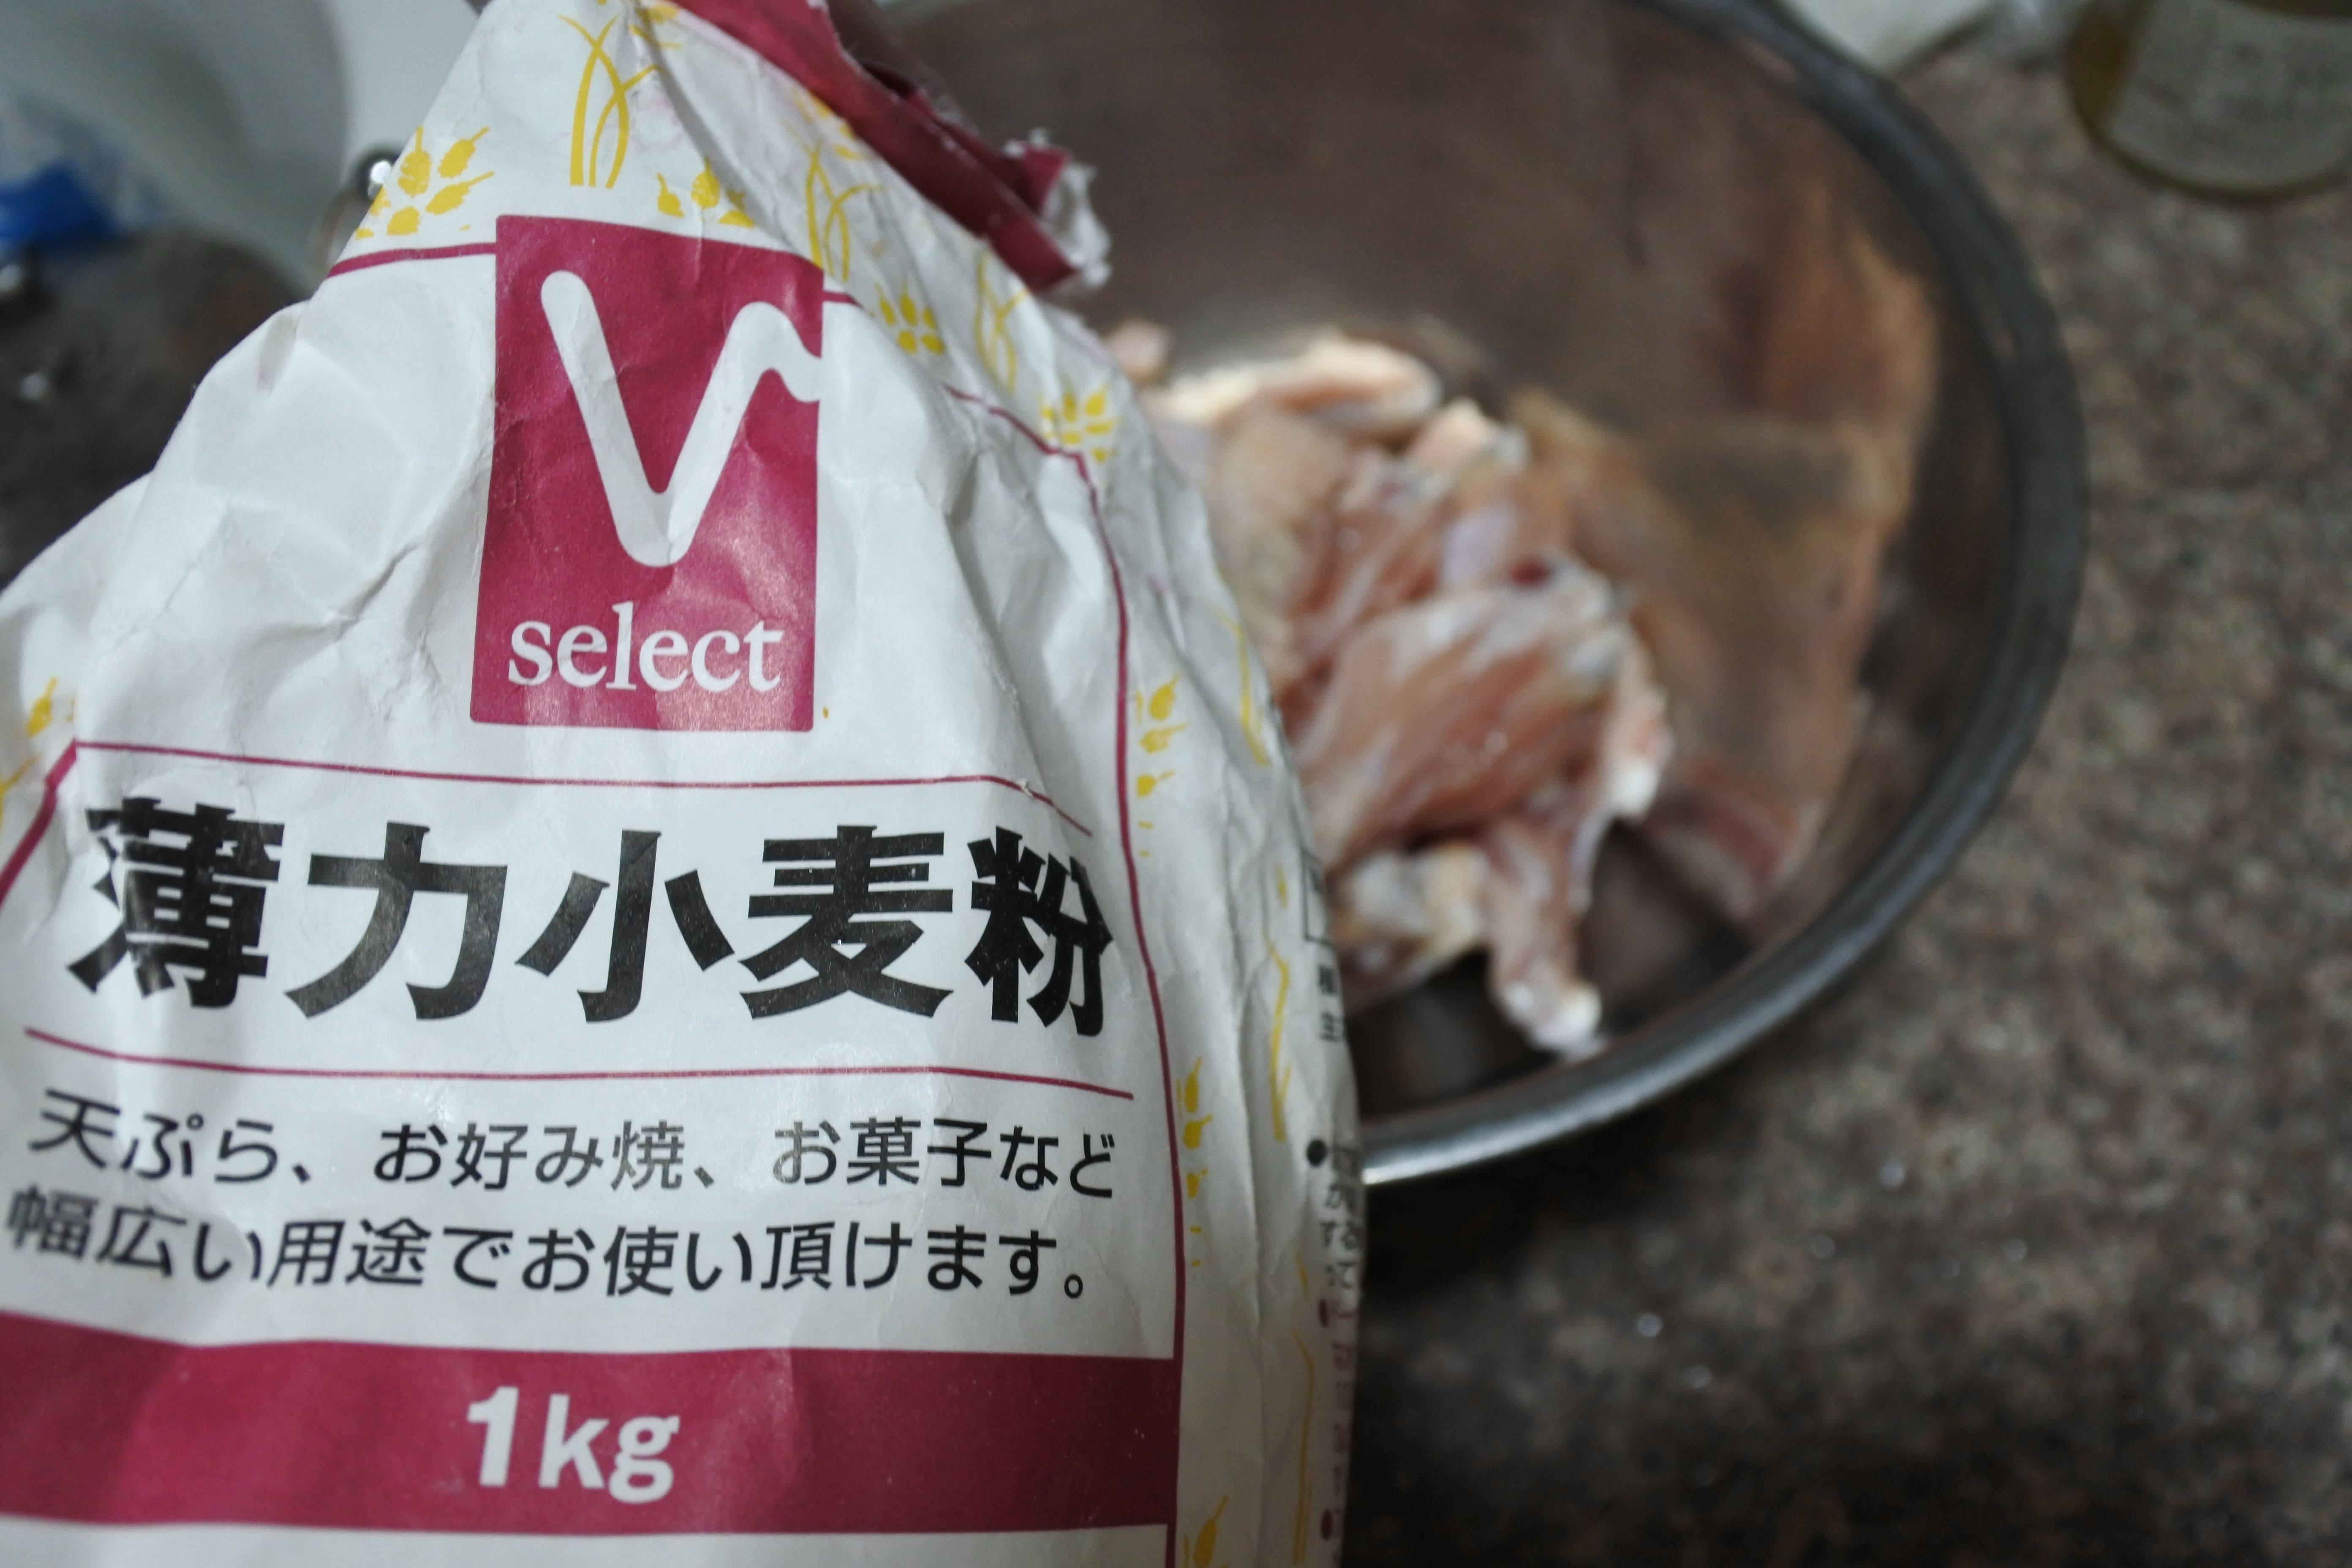 手羽先 レシピ 唐揚げ 名古屋 食べ方